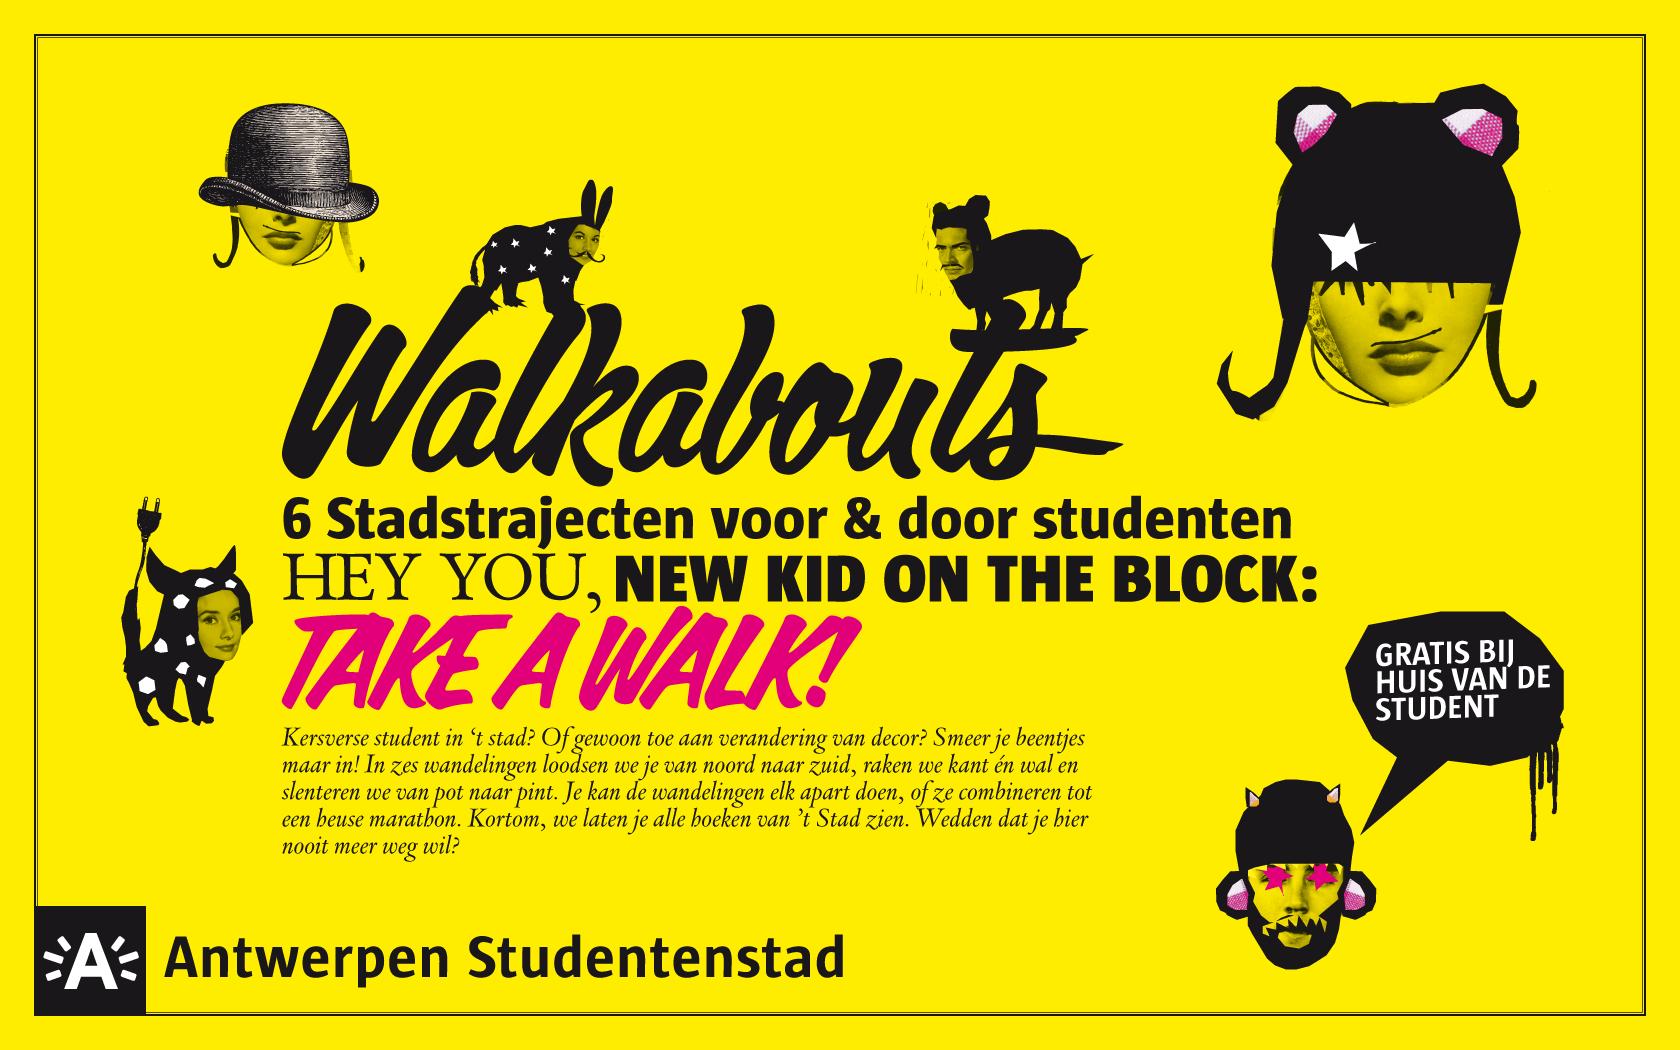 Antwerpen Studentenstad